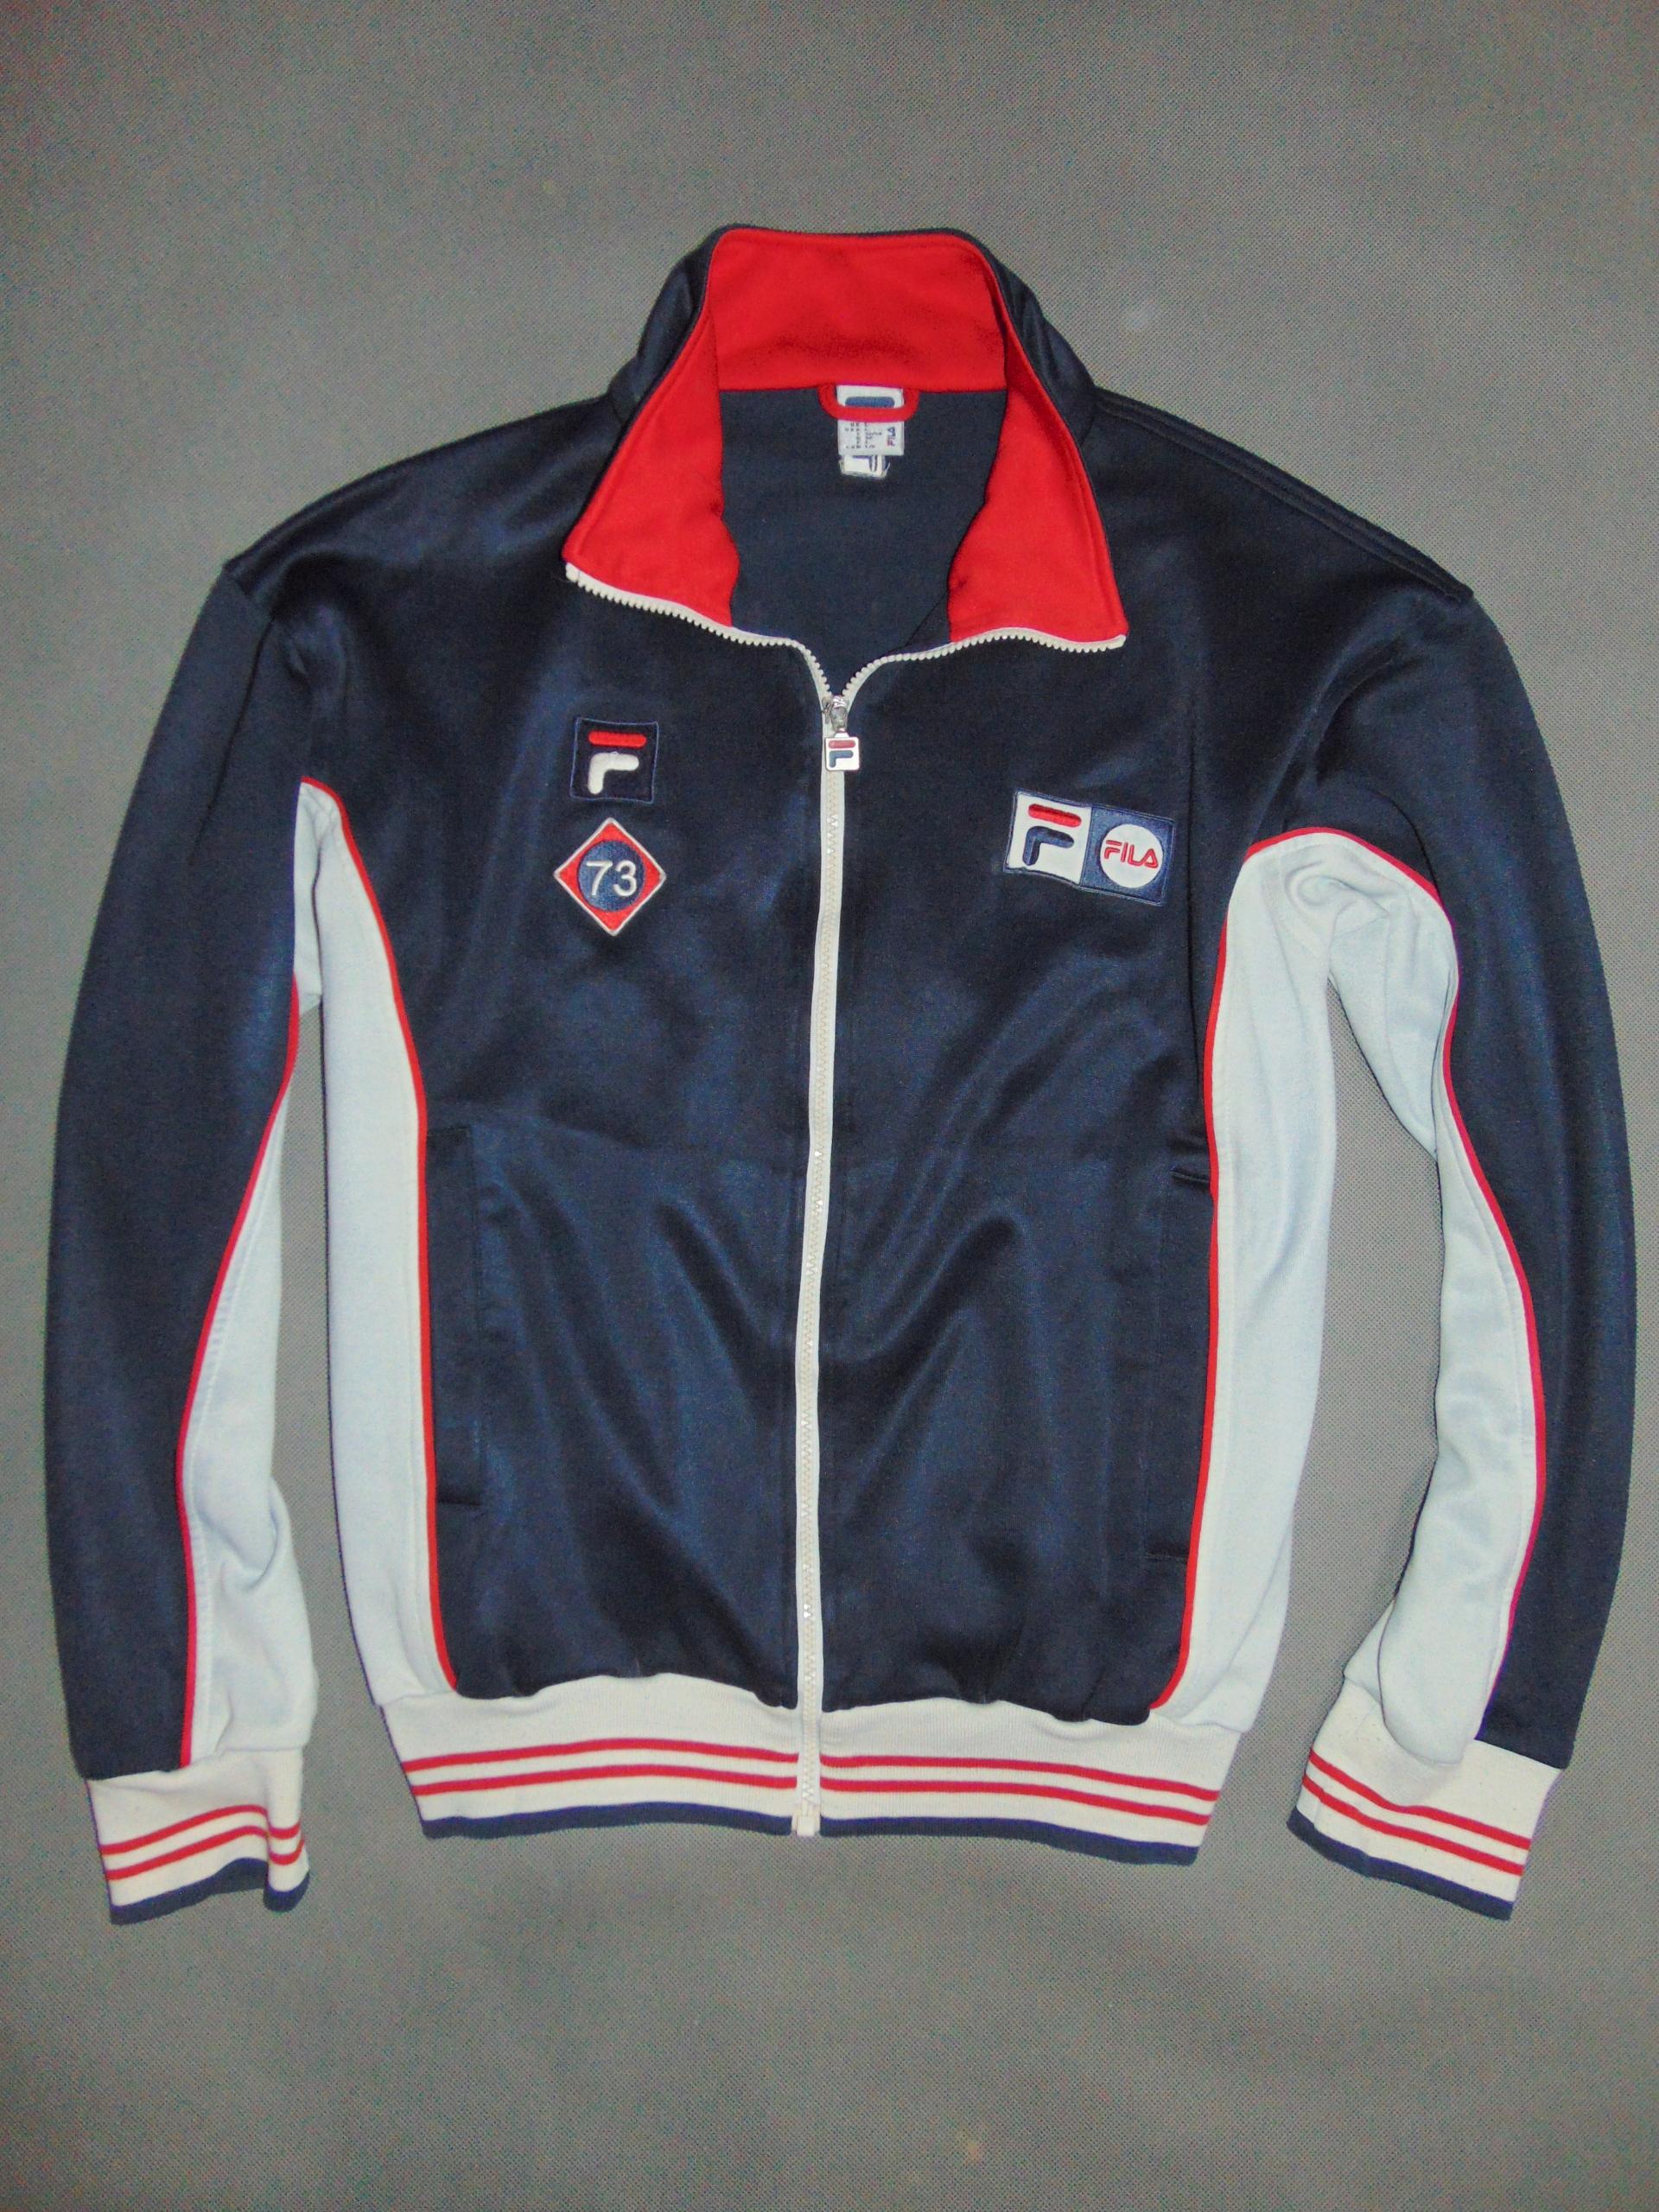 kup dobrze dobra jakość renomowana strona FILA bluza dresowa męska RETRO na zip r L